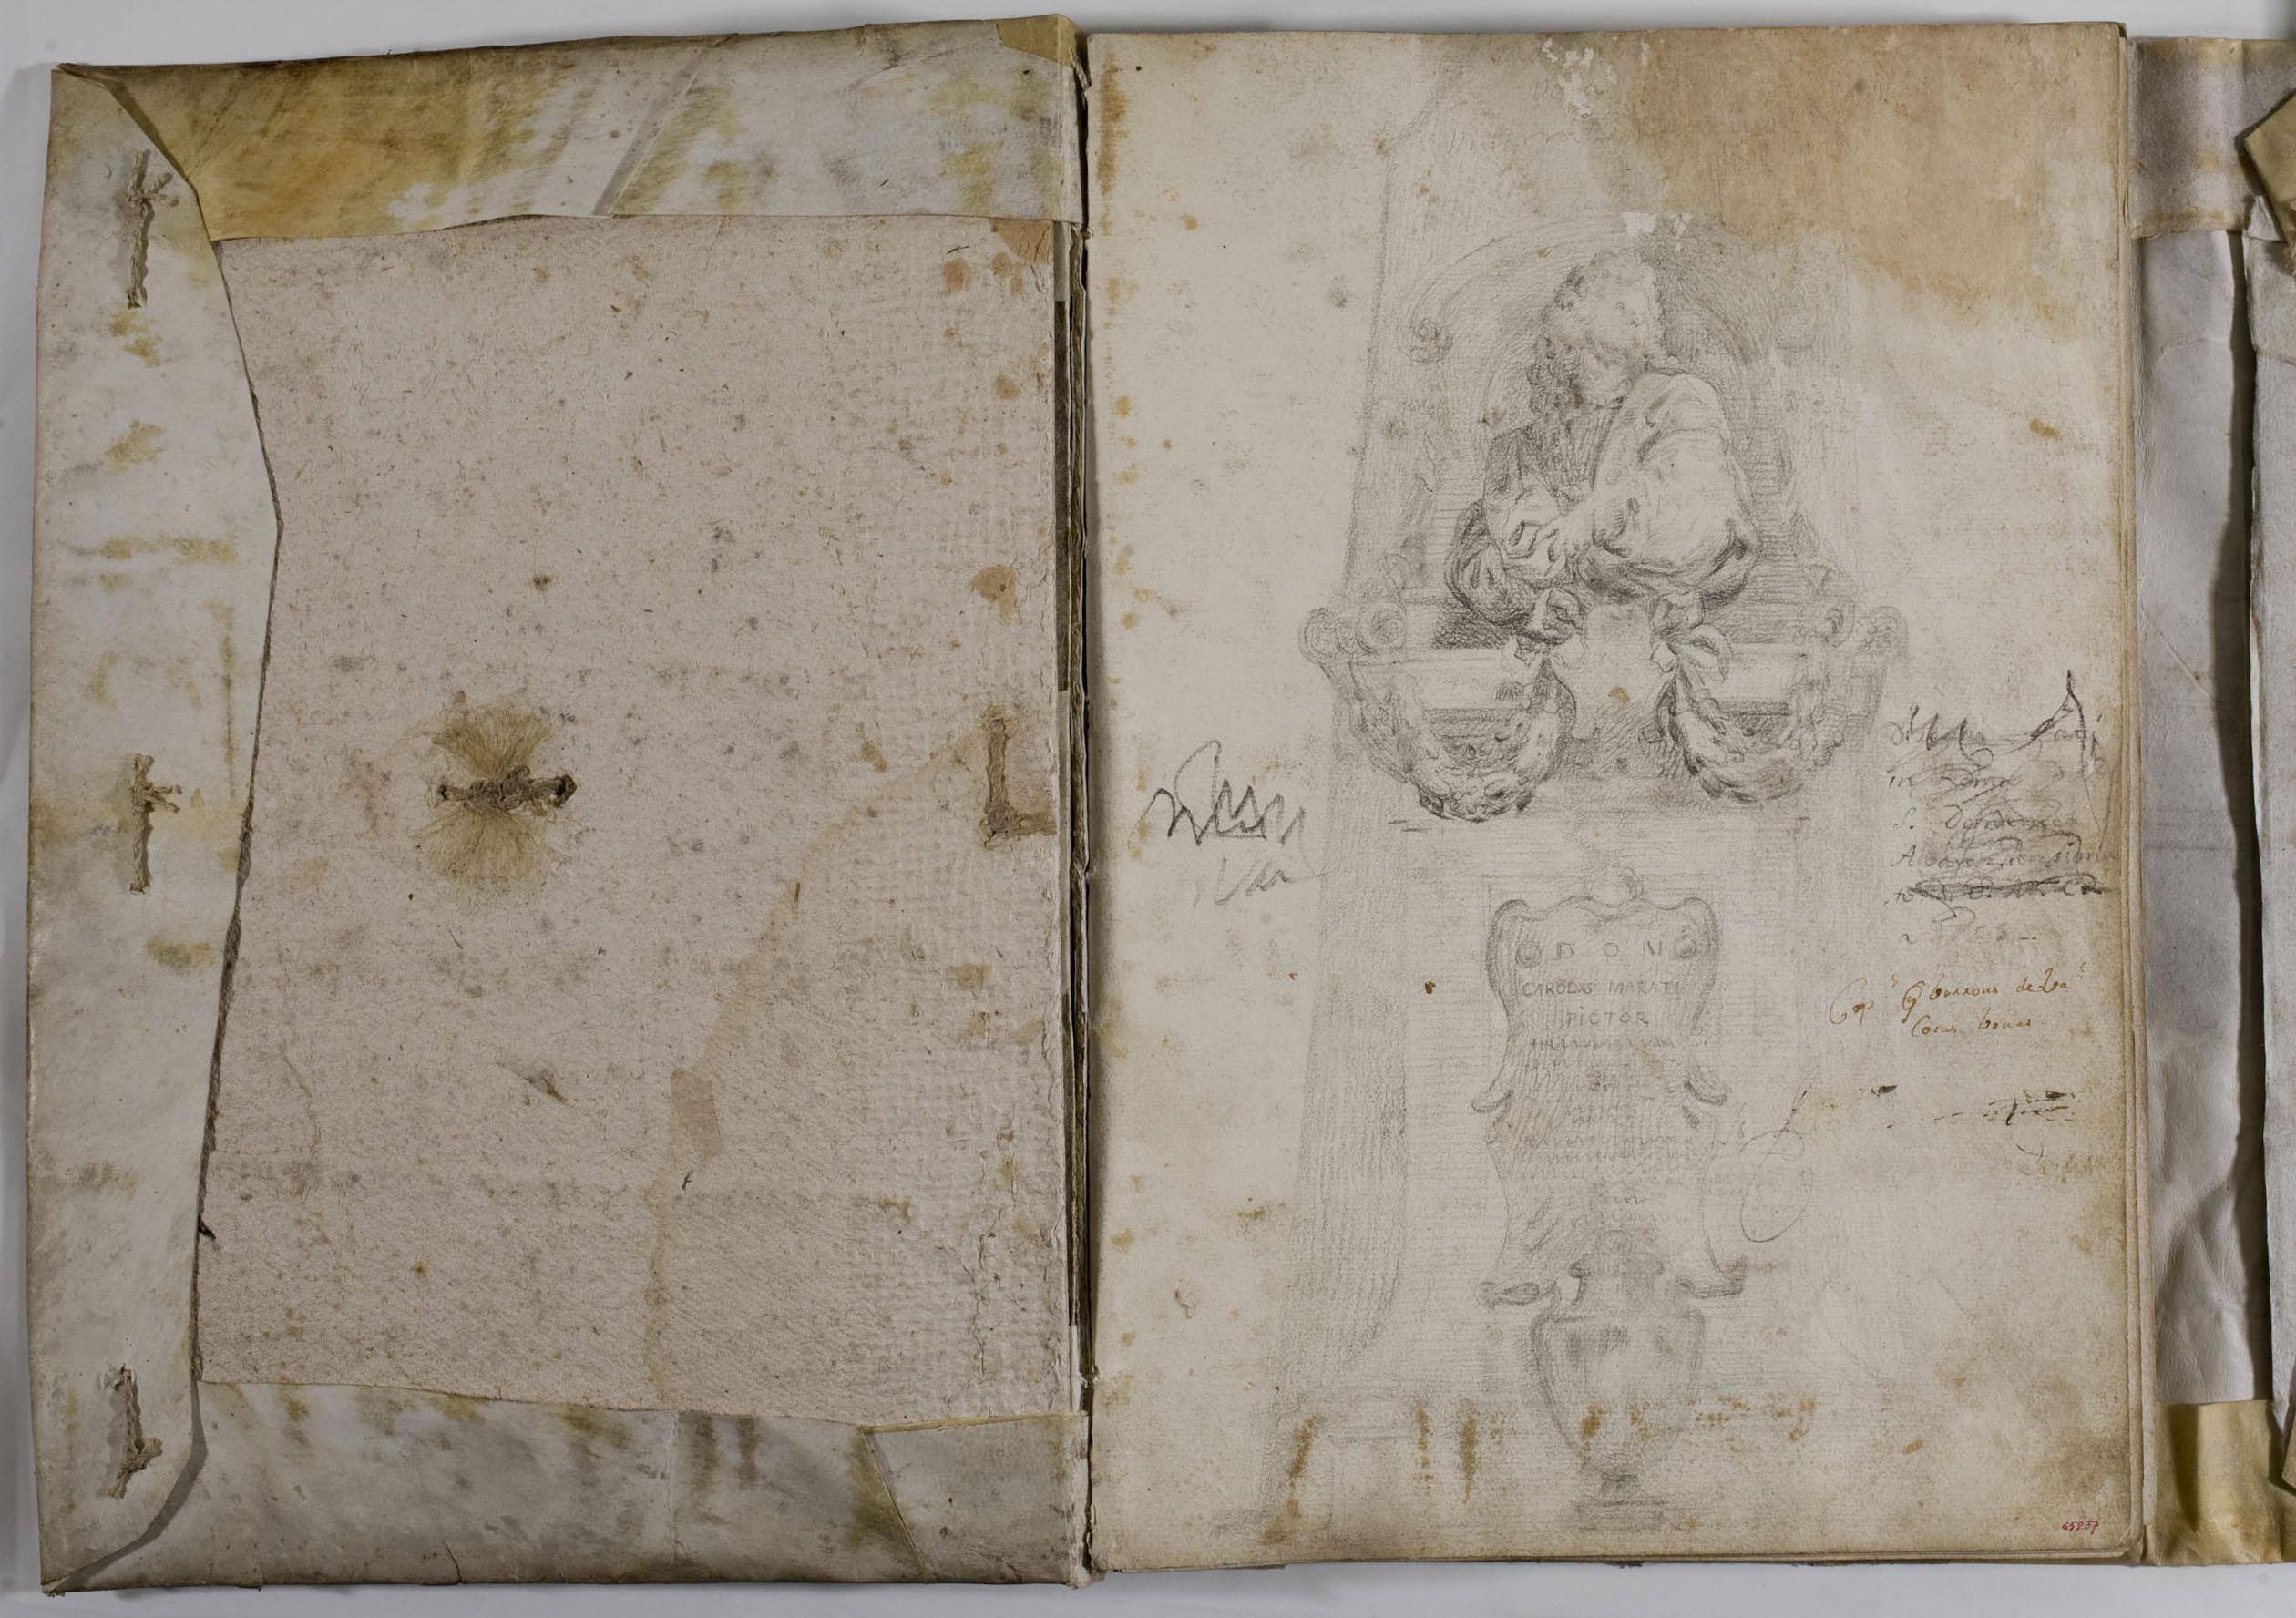 Domingo Álvarez Enciso - Àlbum romà  - Cap a 1758-1762 o 1773-1789